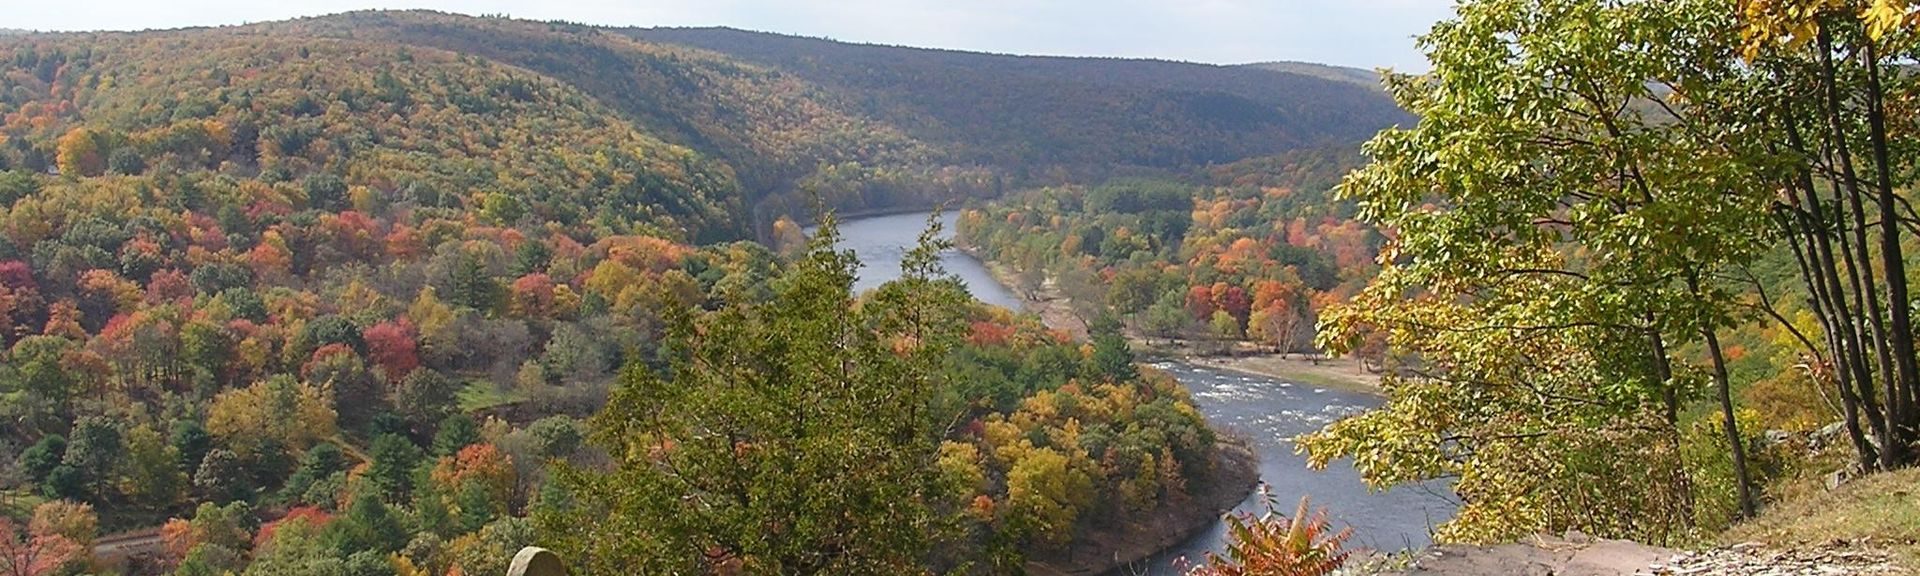 Shohola Township, Pennsylvania, United States